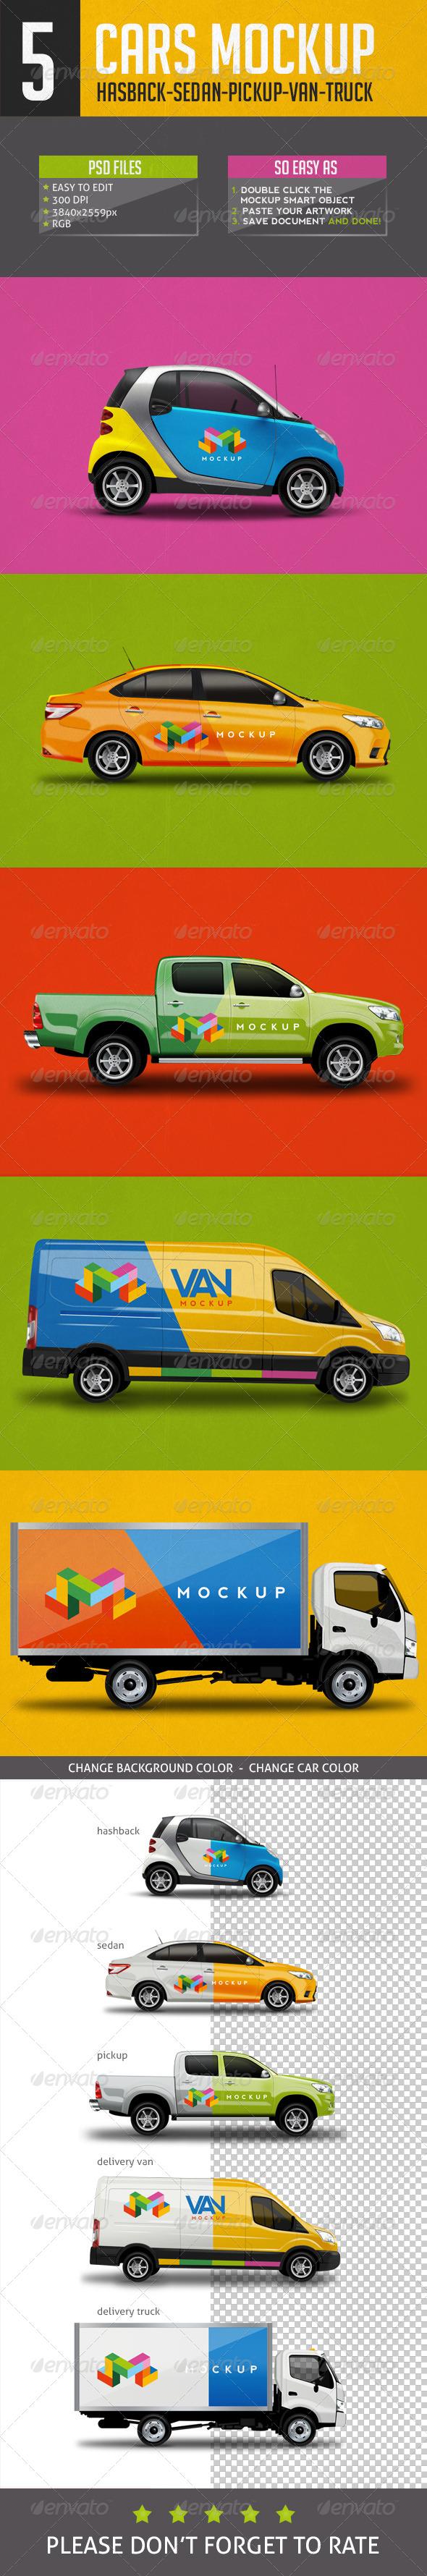 GraphicRiver Cars Mock Up V1 7585124